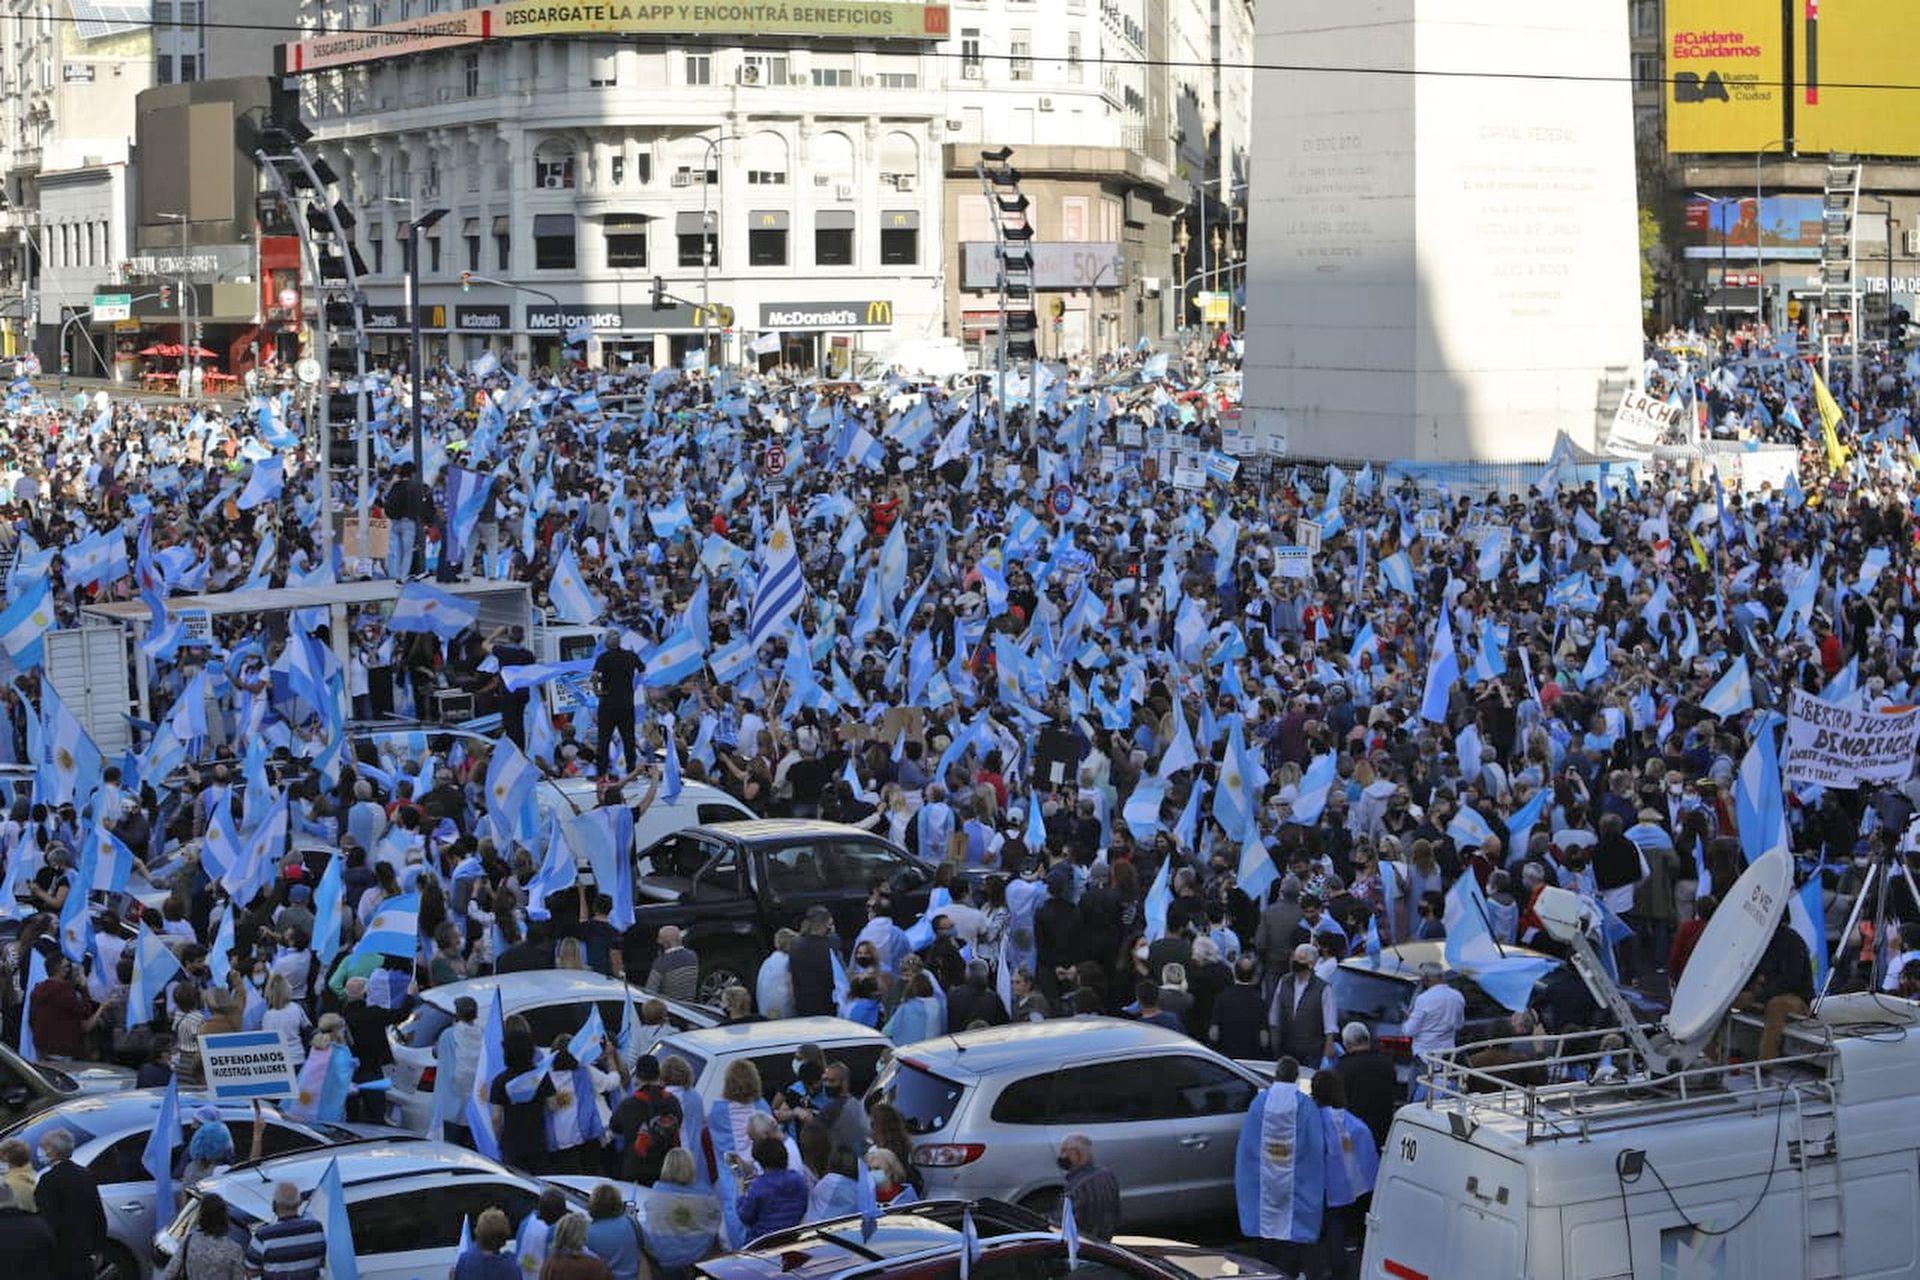 La zona del Obelisco se llenó de banderas antes de las 17, la hora de la convocatoria